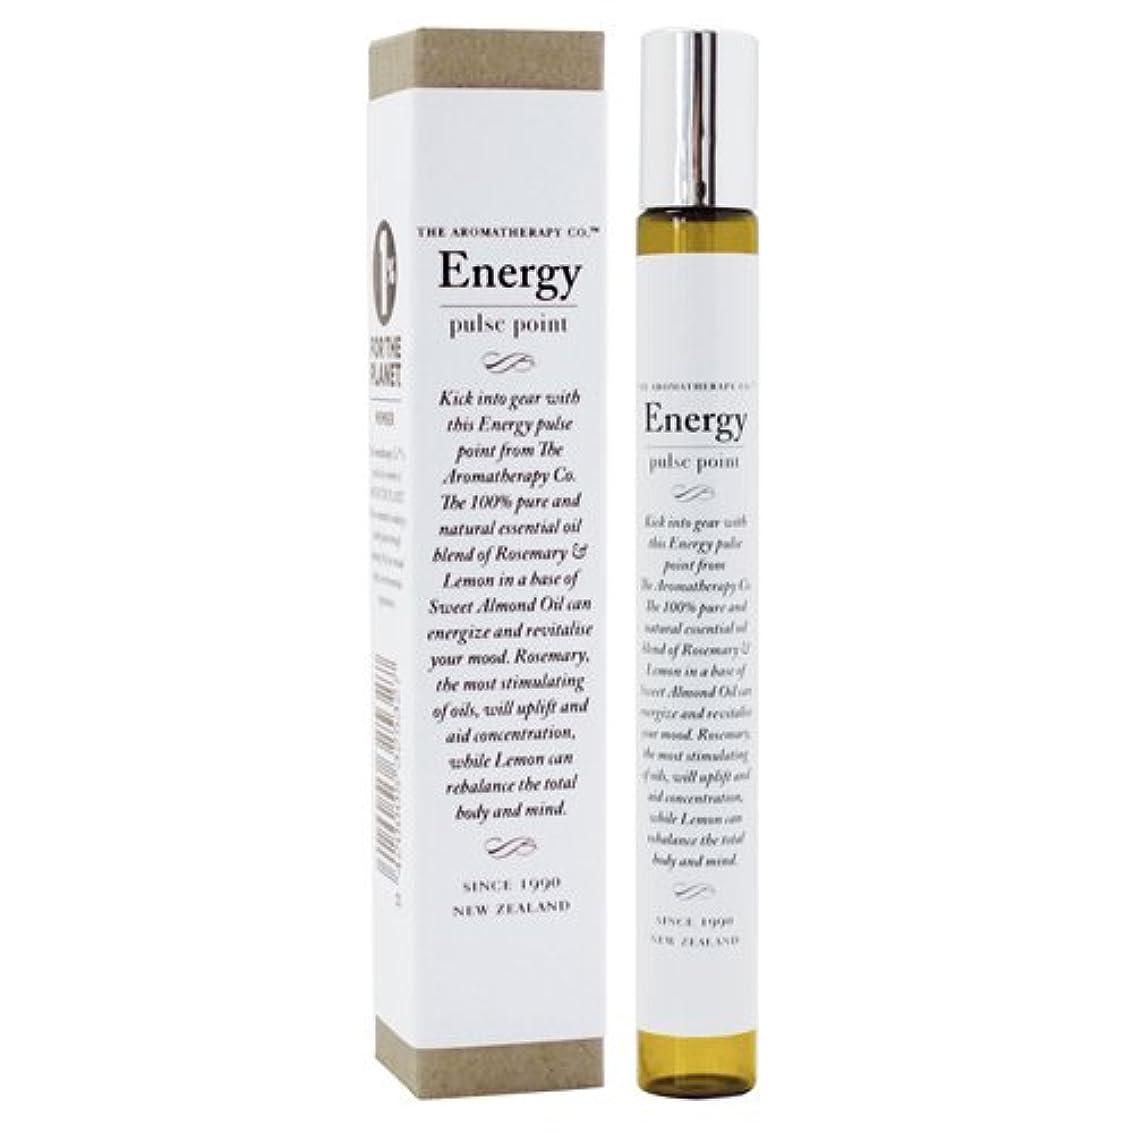 情熱的してはいけないモードリンTherapy Range セラピーレンジ Pulse Pointパルスポイント Energyエナジー